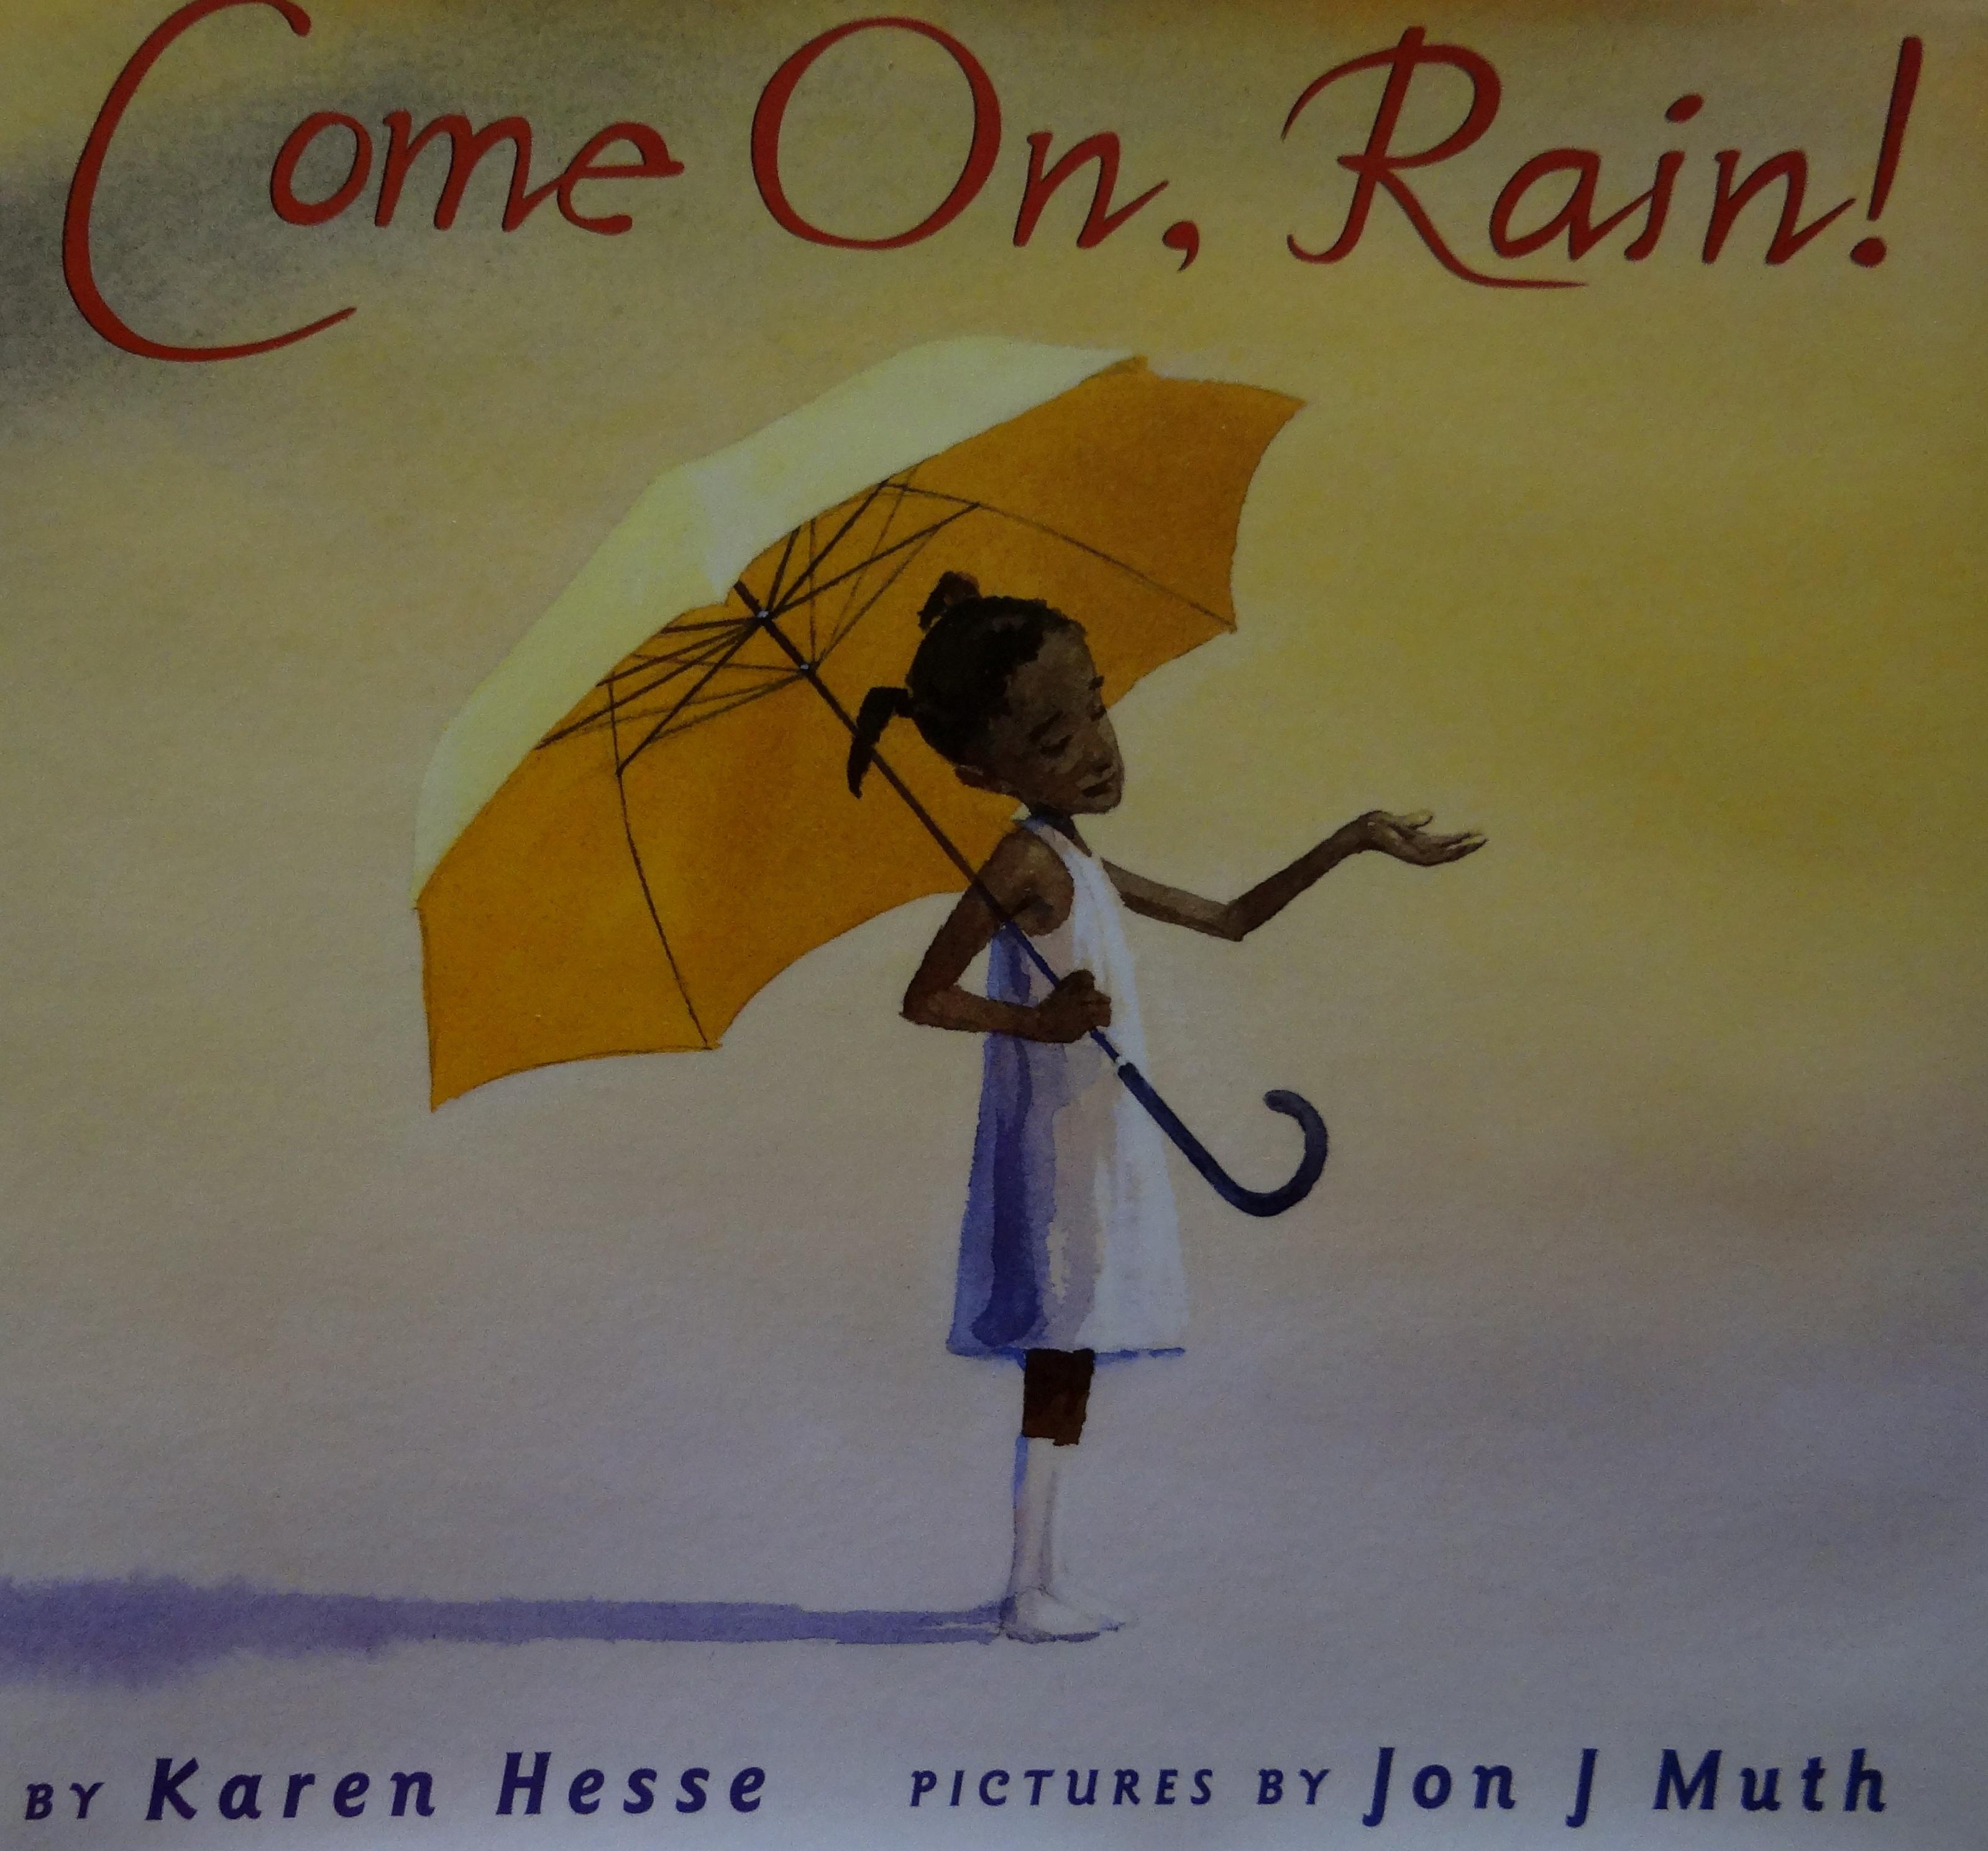 BOOKS by Karen Hesse  karenhesseblog